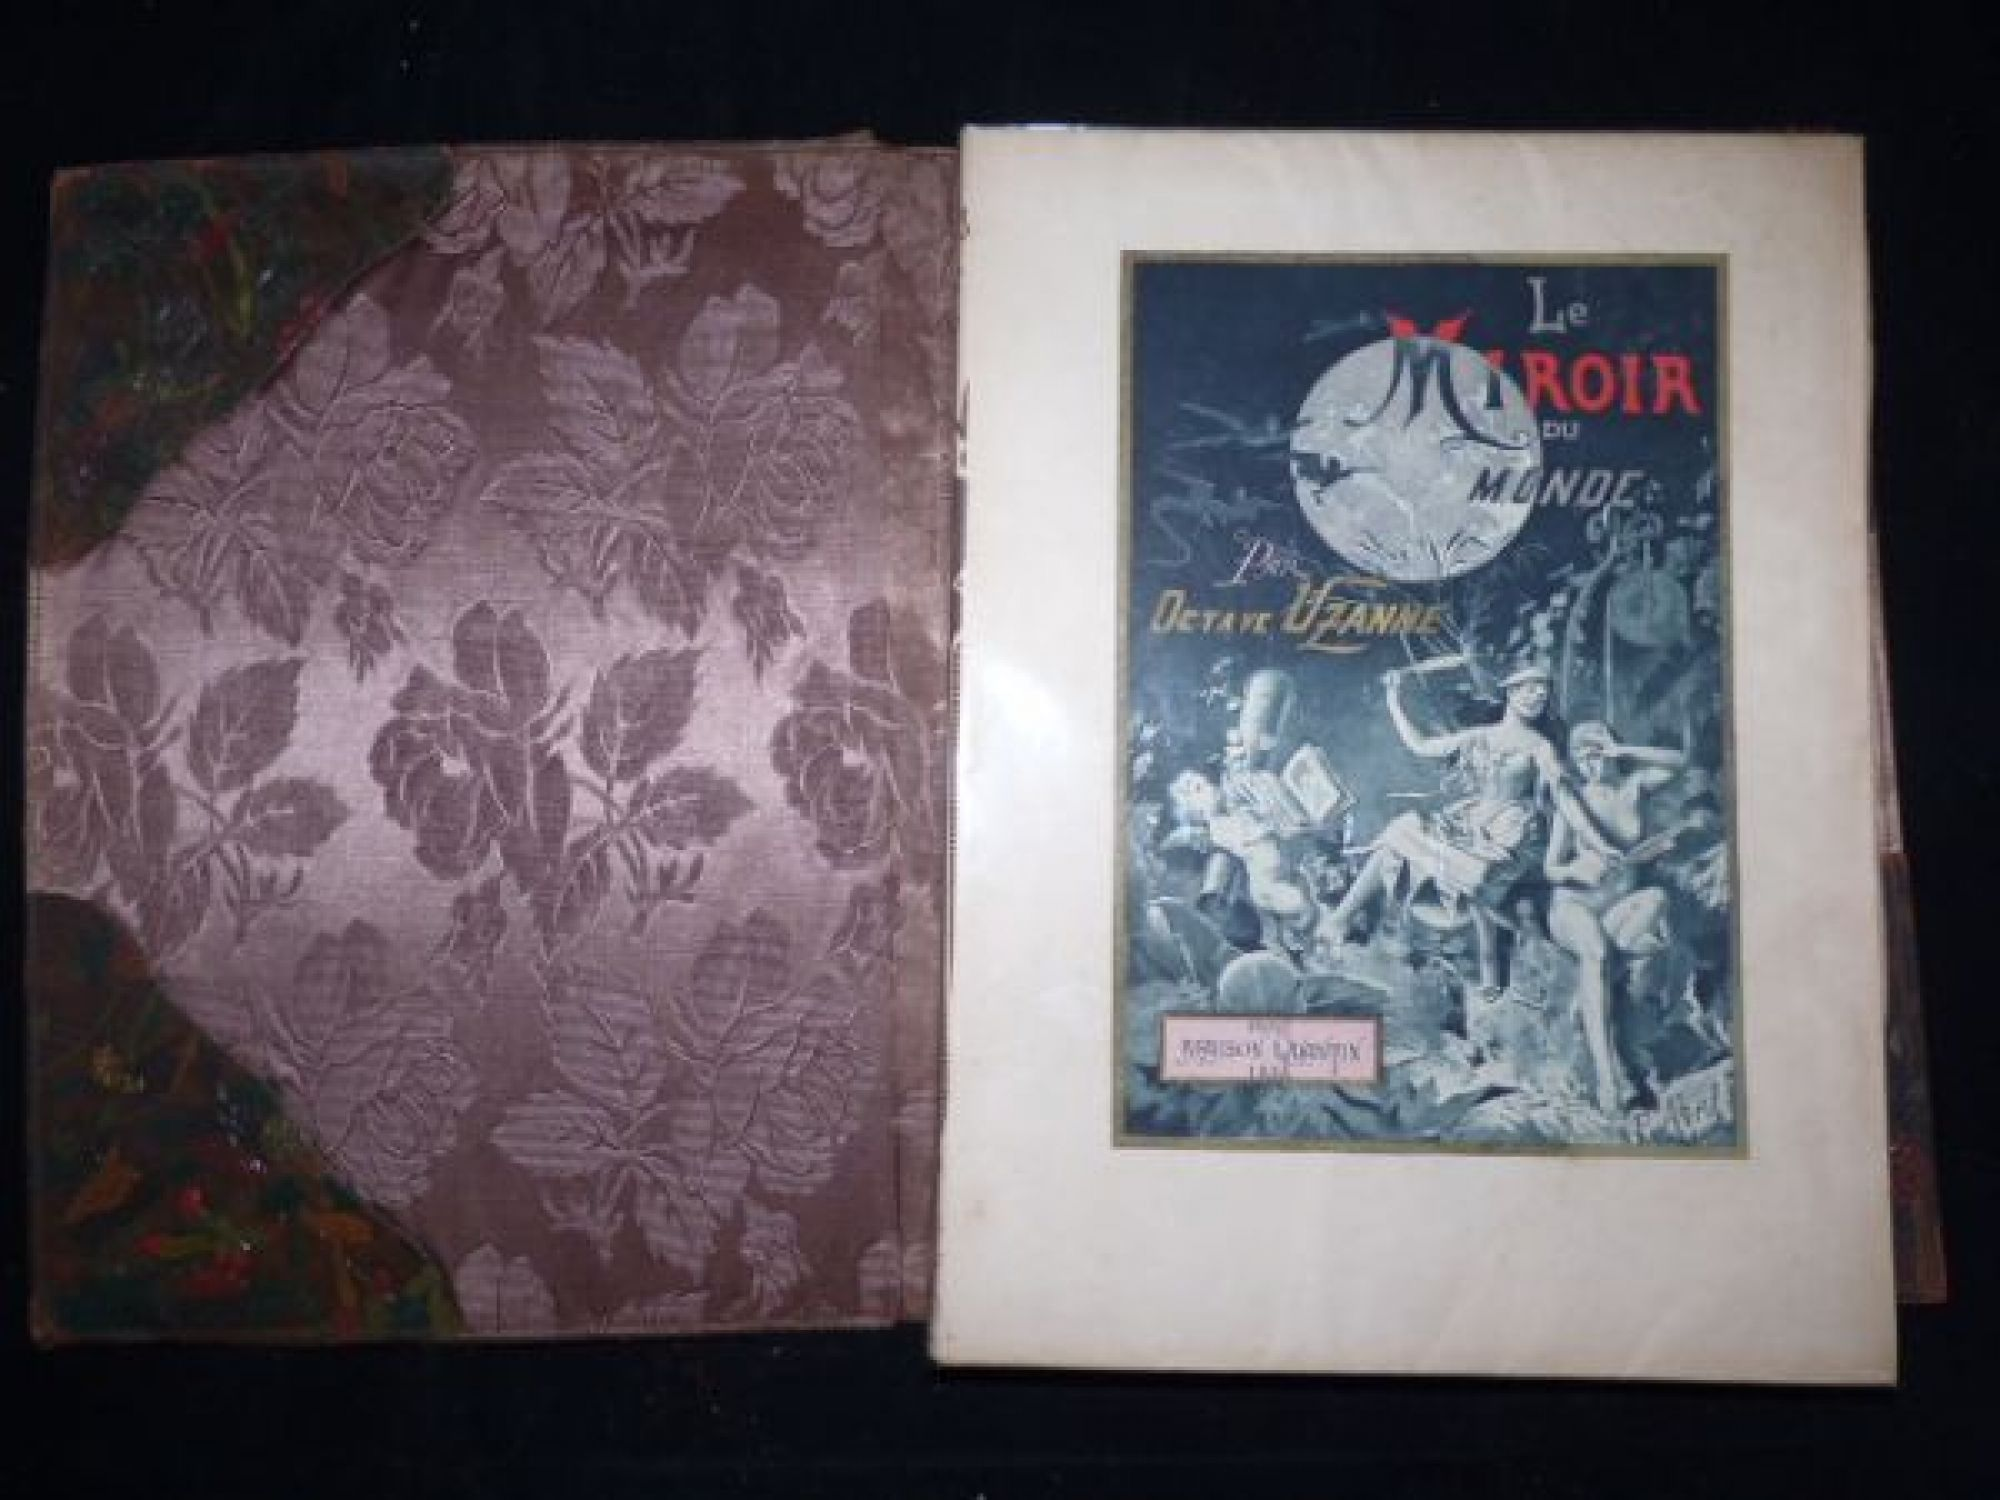 Uzanne le miroir du monde first edition edition for Les baladins du miroir